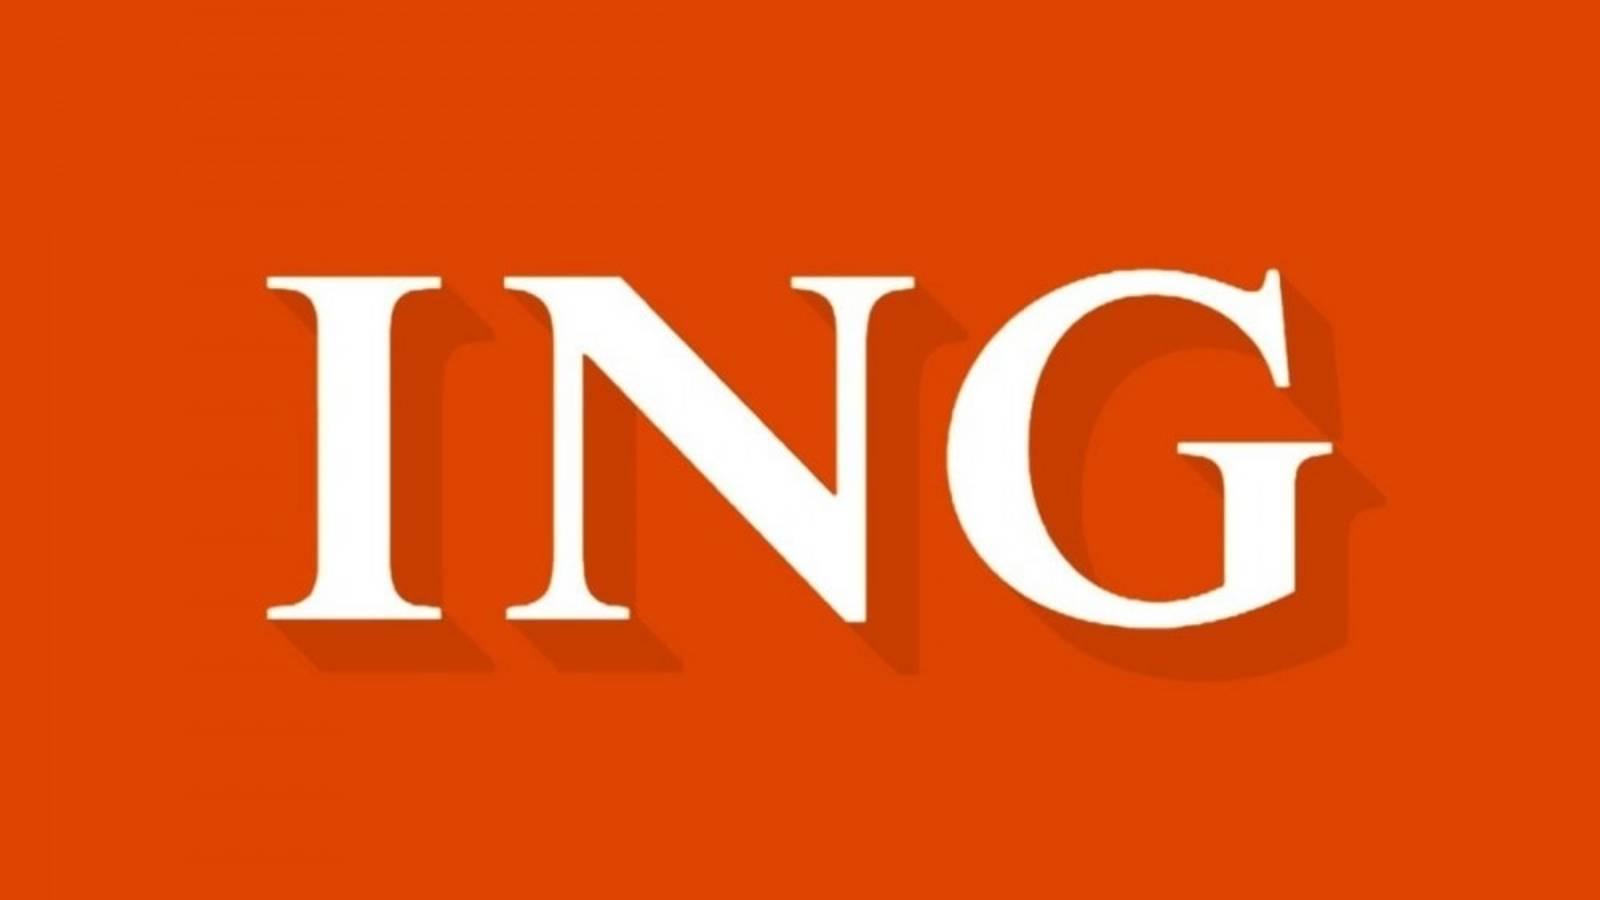 ING Bank jurnal